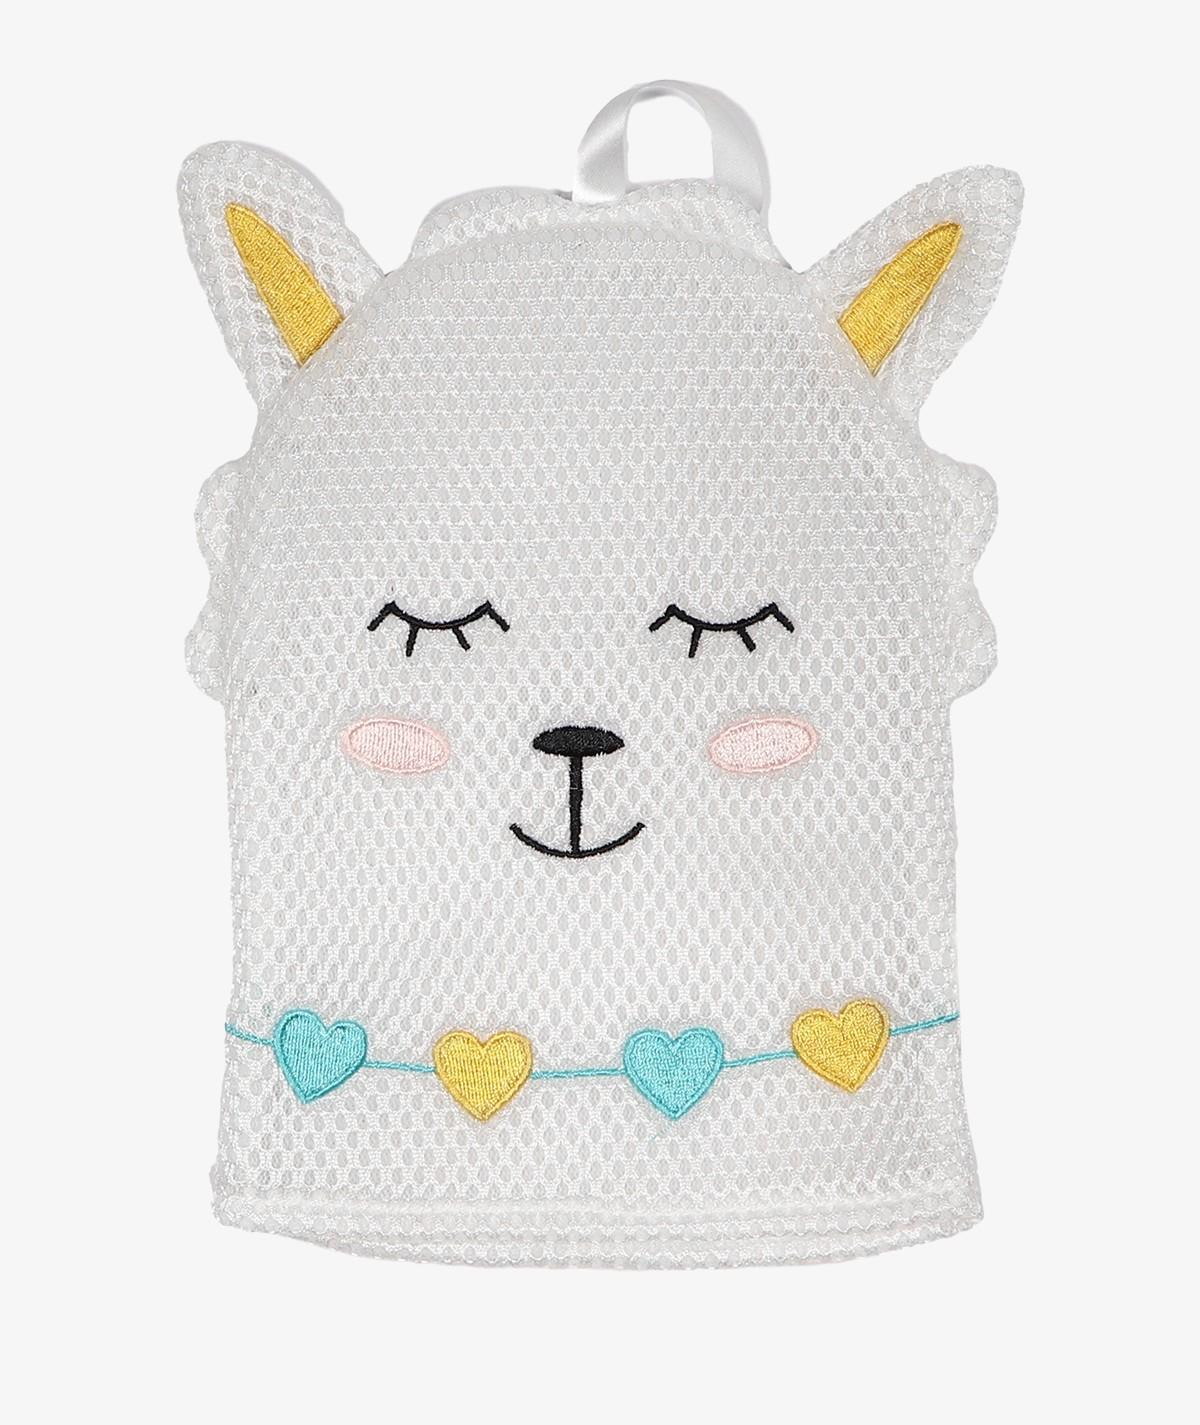 Llama Lexi Washcloth